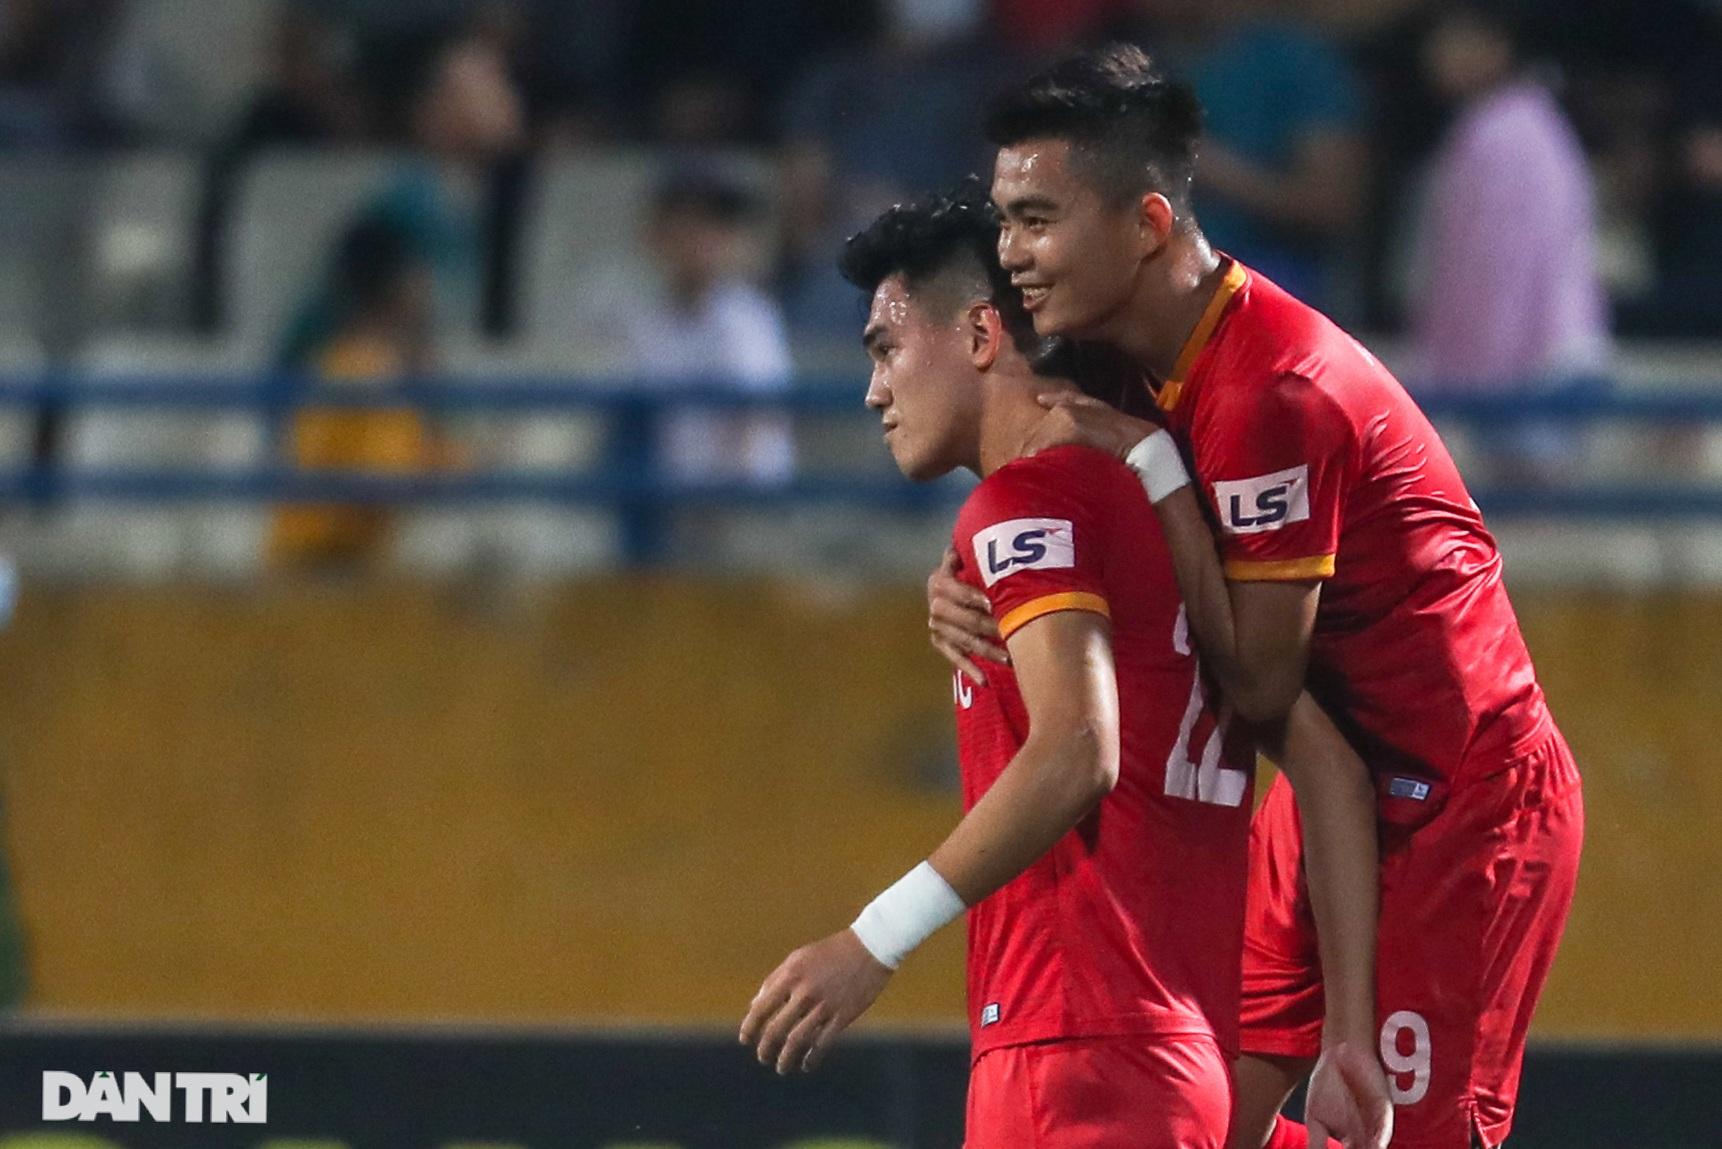 Lập công ở phút 90, Quang Hải đưa CLB Hà Nội lên ngôi đầu V-League - 2